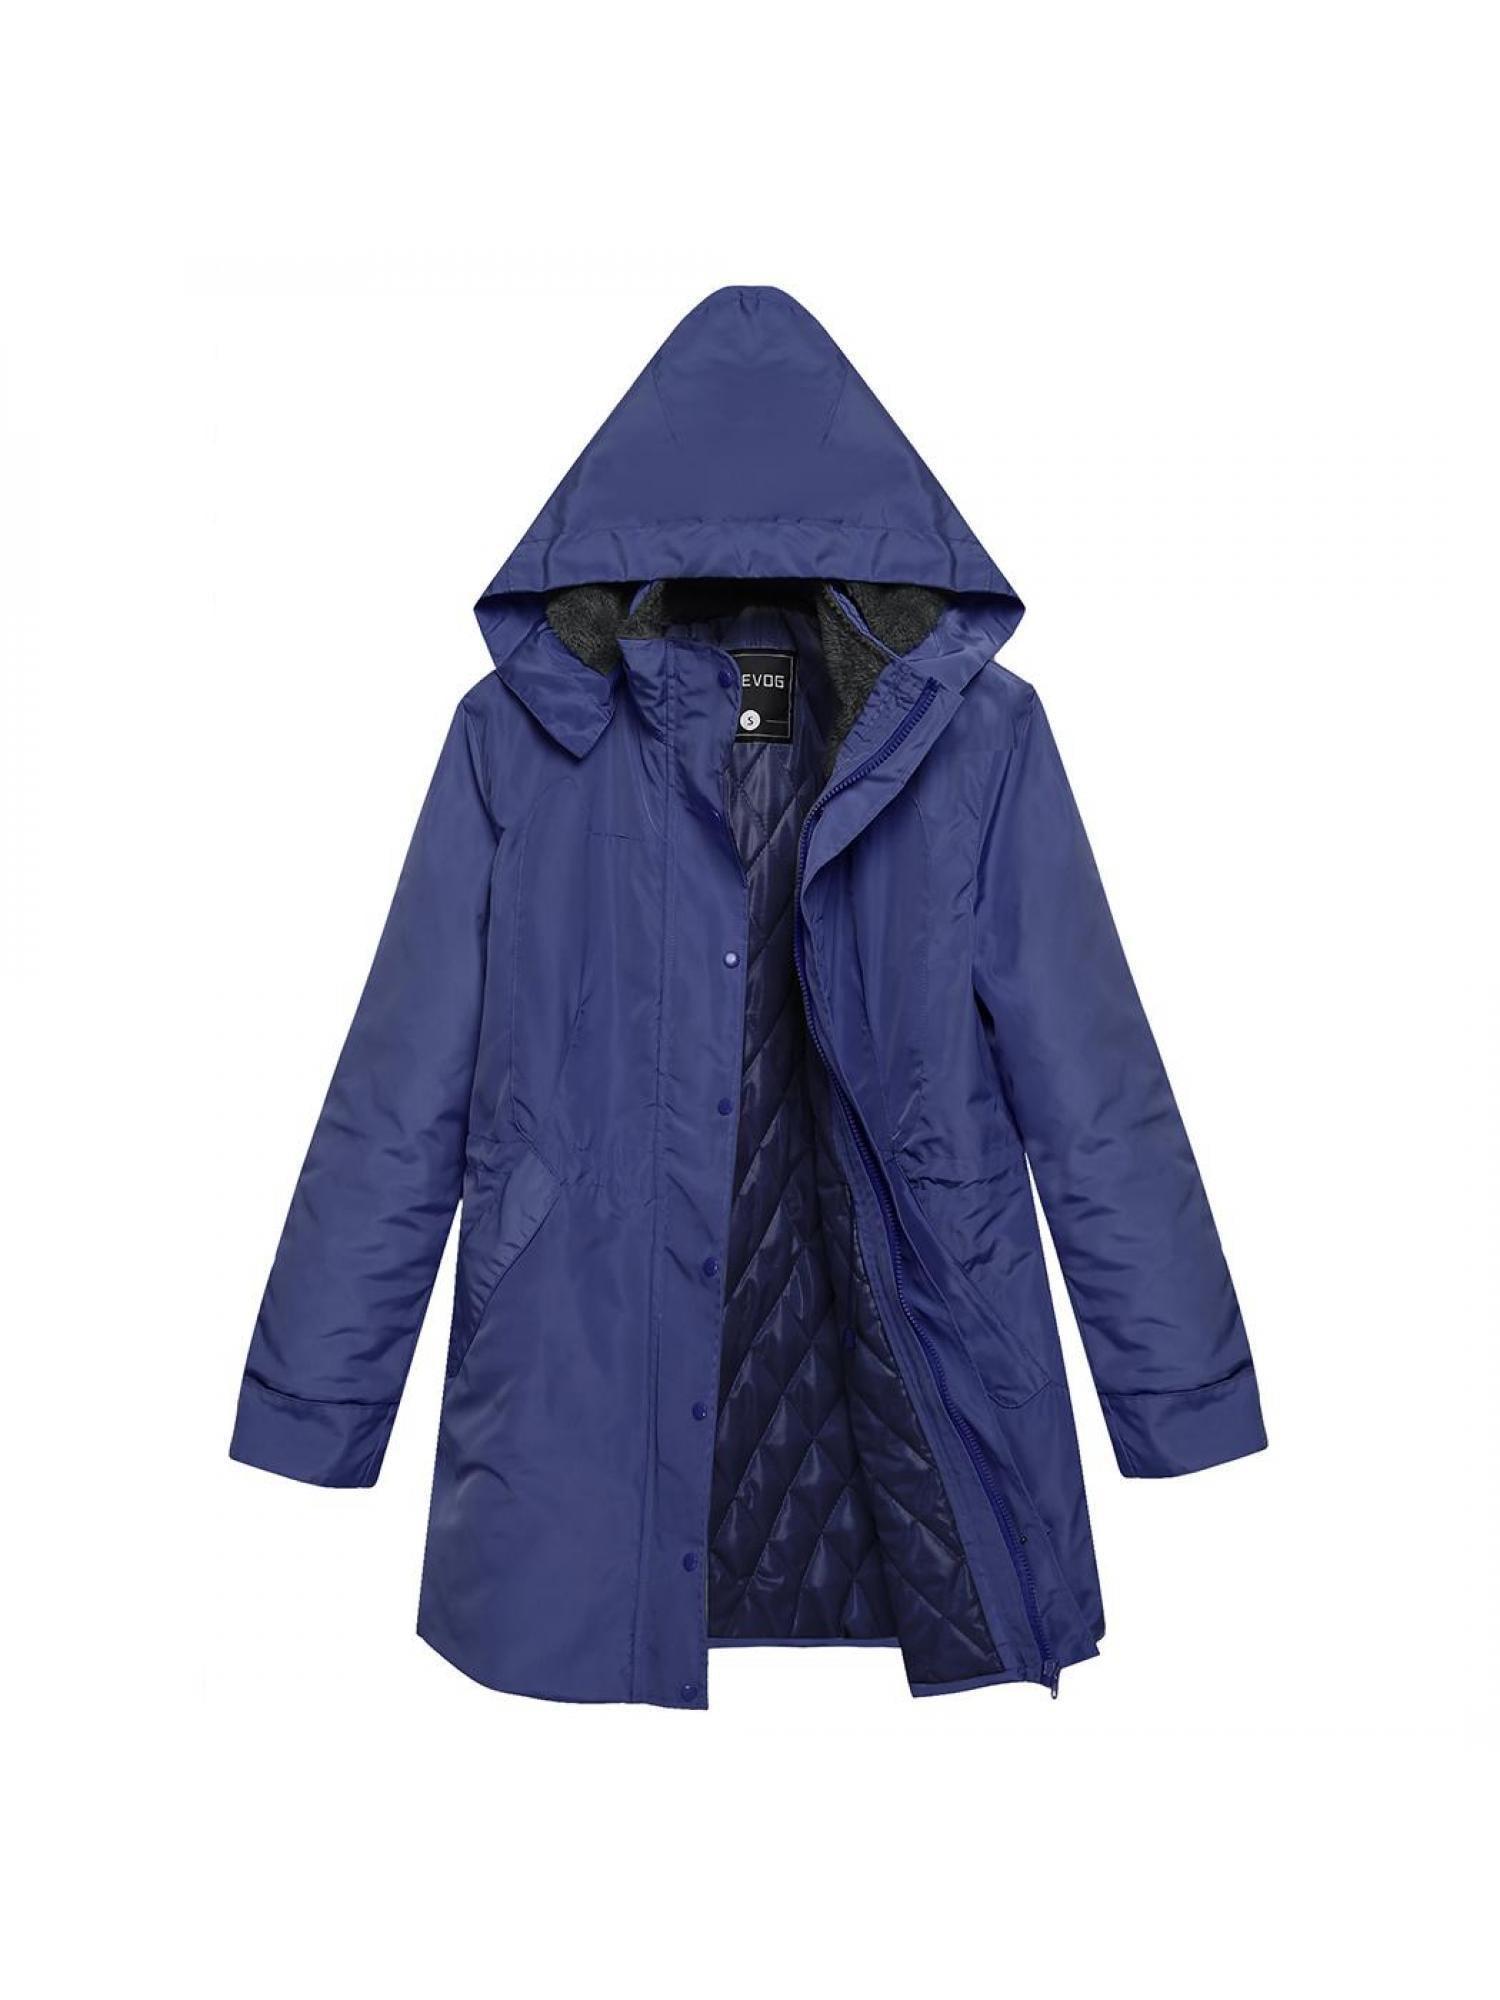 Lowest Price ever ! Women Winter Coat Front-Zip Hooded Parka Coat Outdoor Waterproof... by